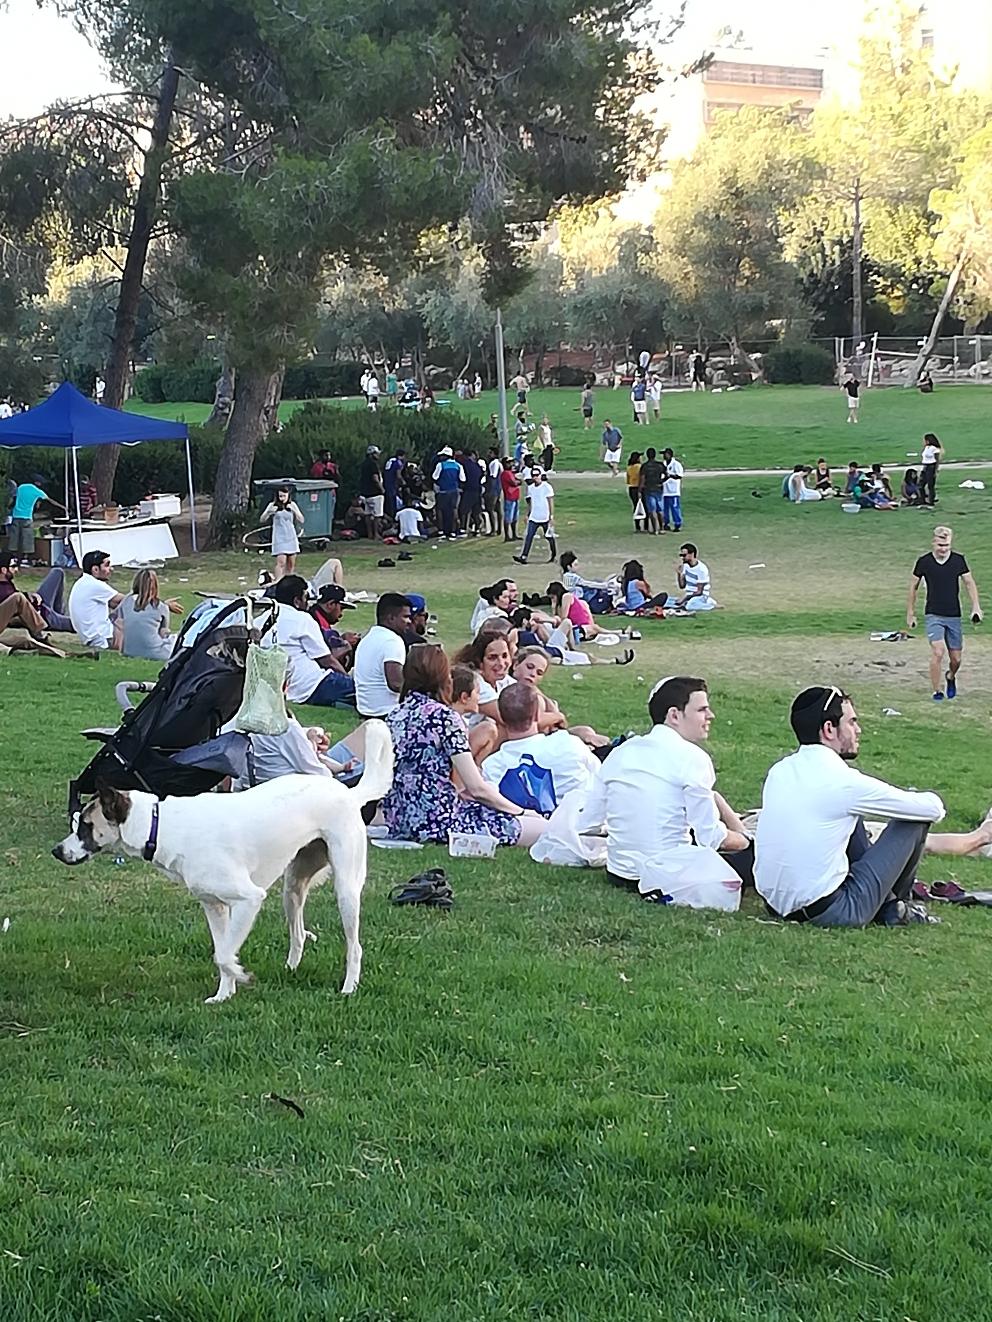 Jerusalem kann auch Multi-Kulti.  Hier im schöen sacher- park am Fuße der Knesset. Juden, Araber, Inder, Afrikaner- alles neben- und teilweise miteinander- Cricket, slackline, Barbecue-